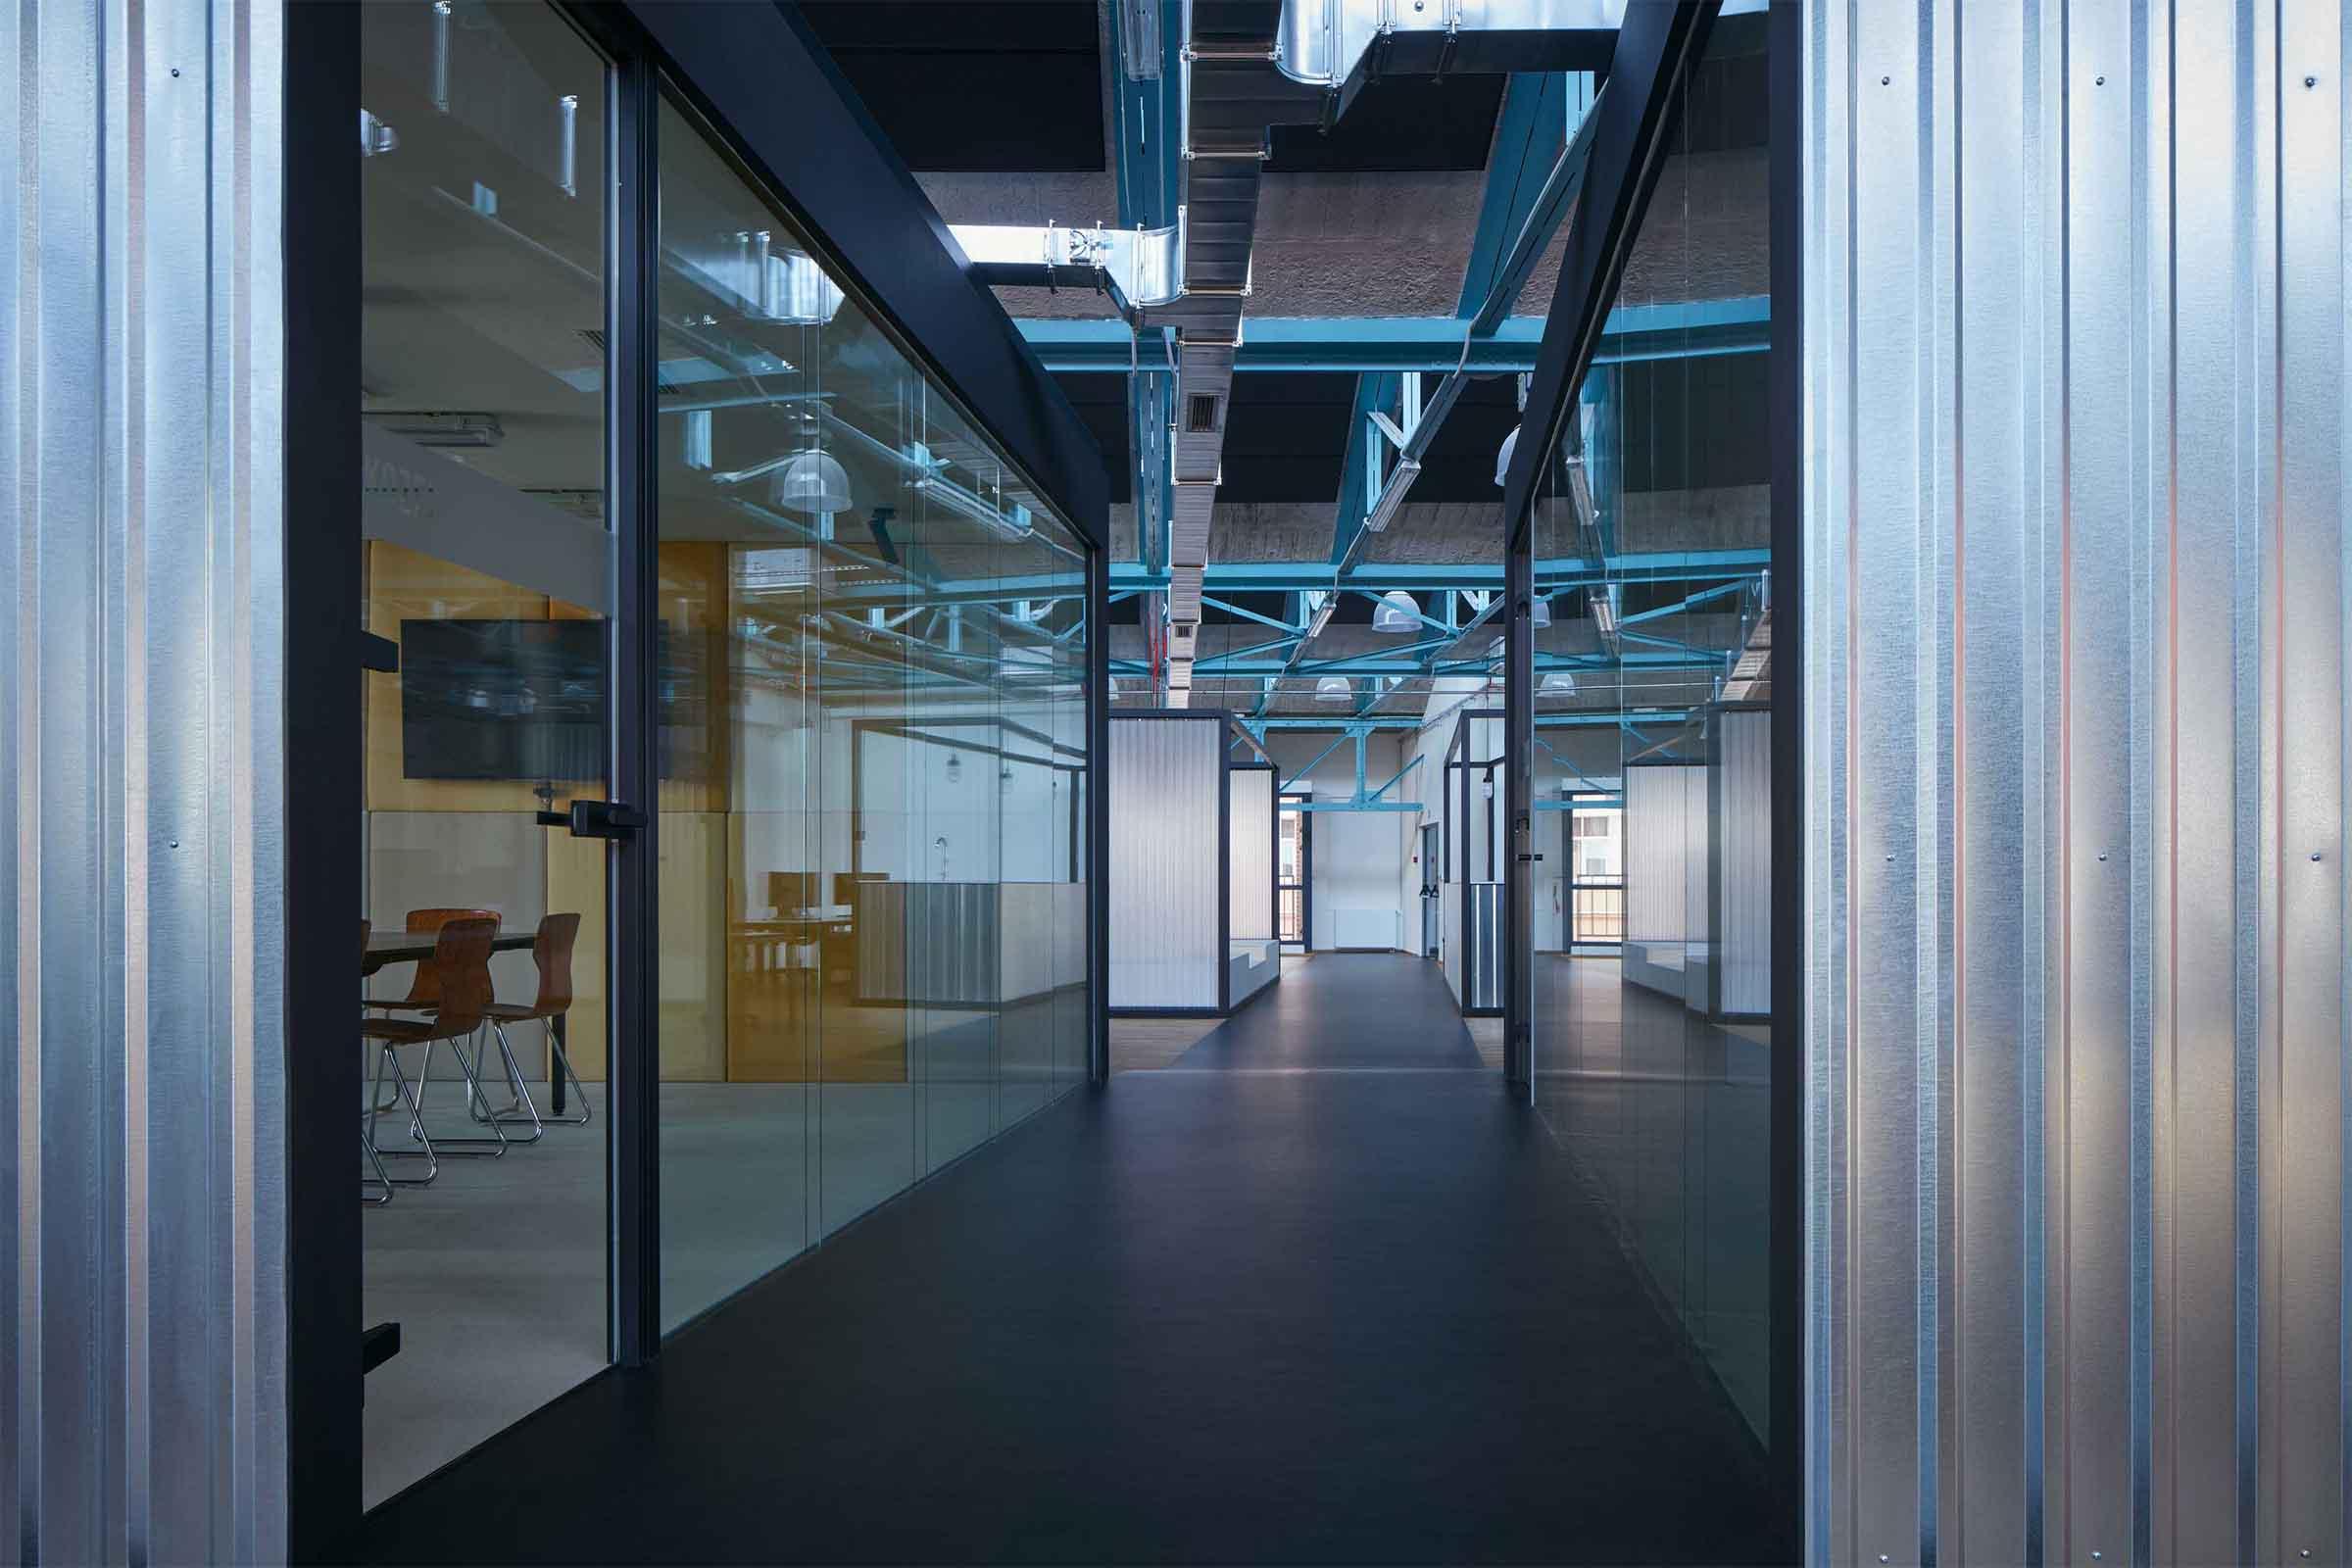 Kanceláře Sinnerschrader Praha - průhled skrze hlavní osu kanceláře lemované po obou stranách zasedacími místnostmi. Autor: Kurz architekti